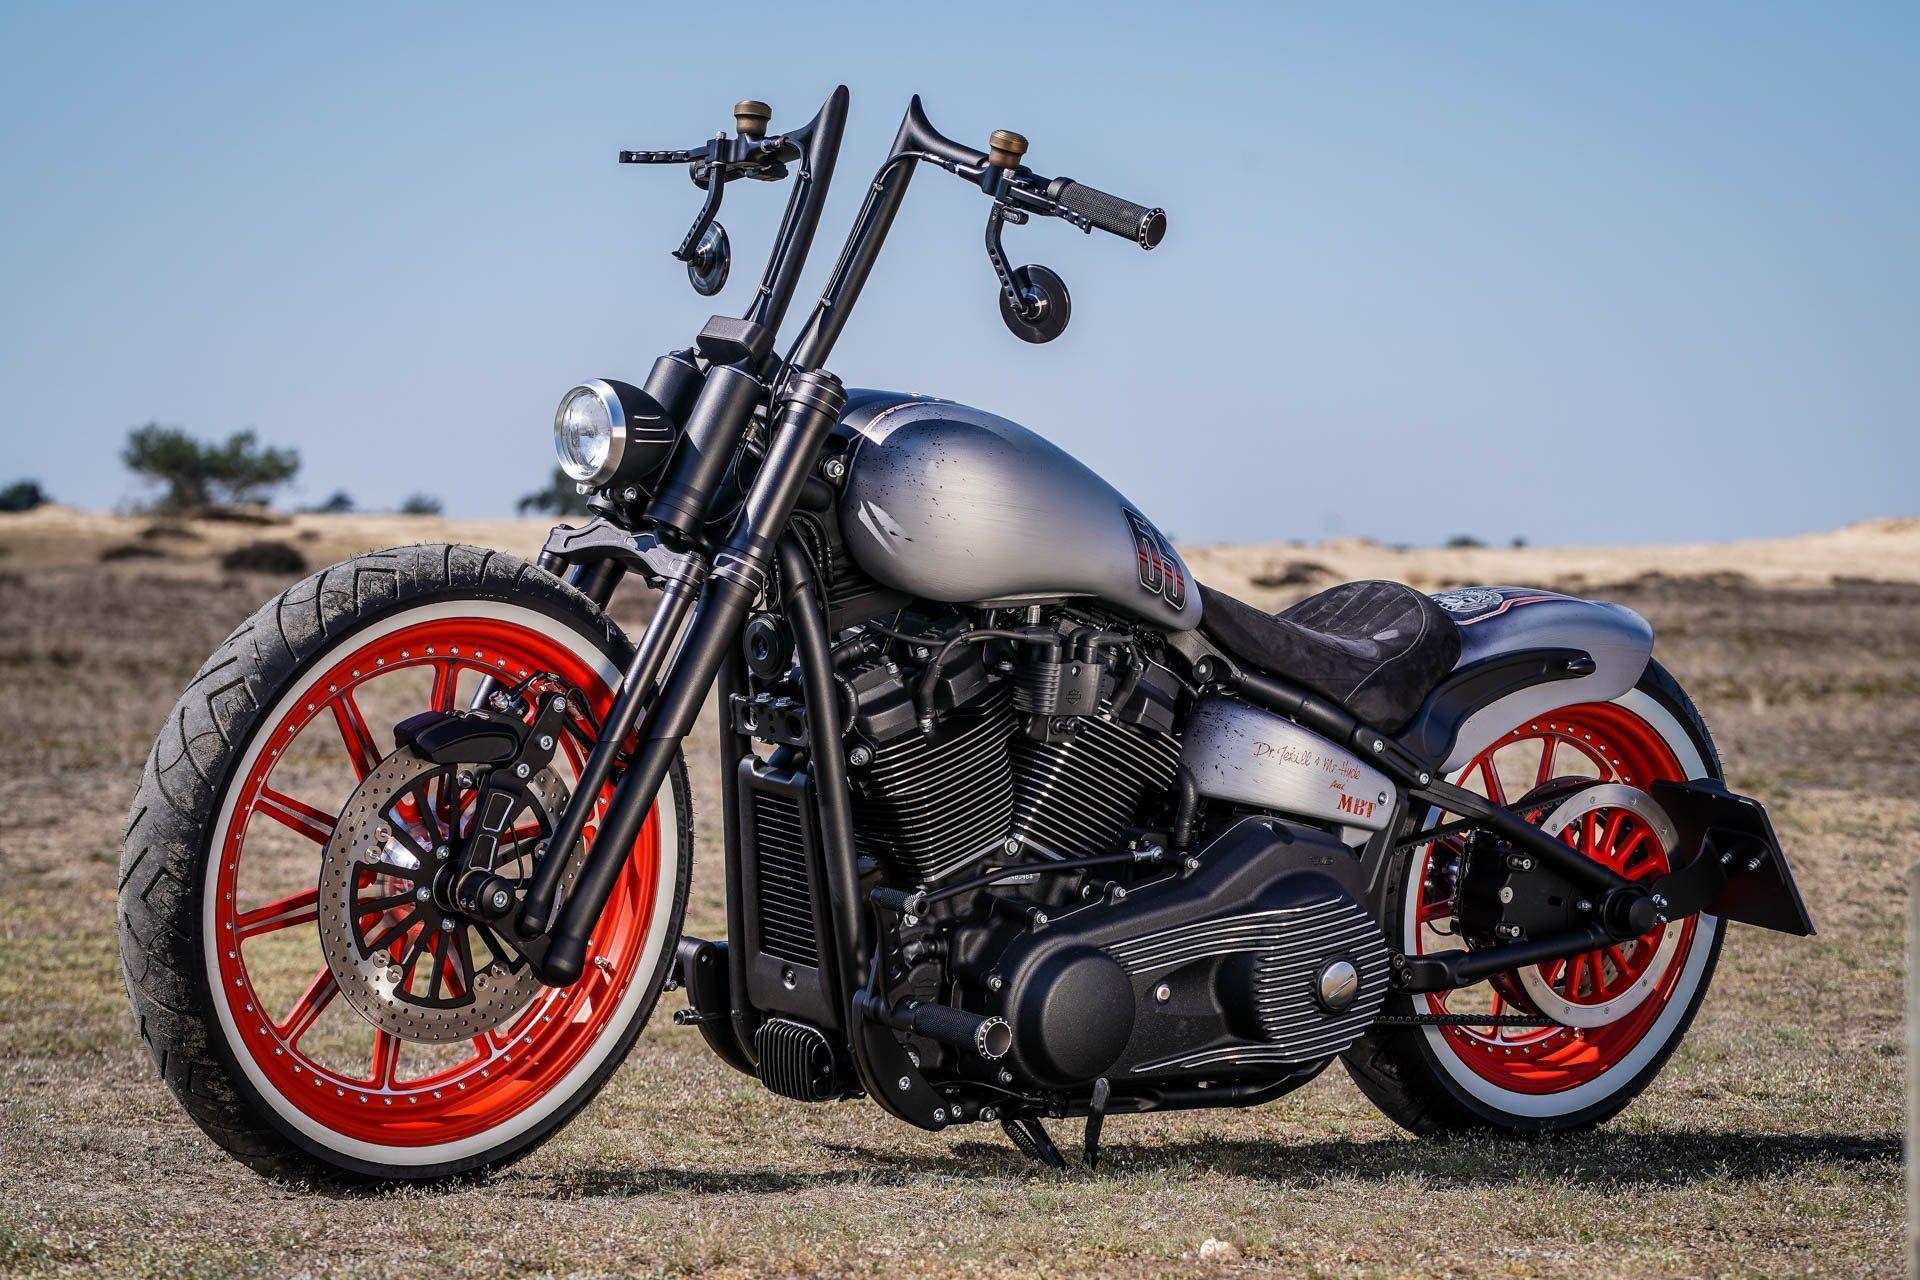 Harley Davidson Street Bob Custom Red Wheel Mbt Motocikl Harlem Moti